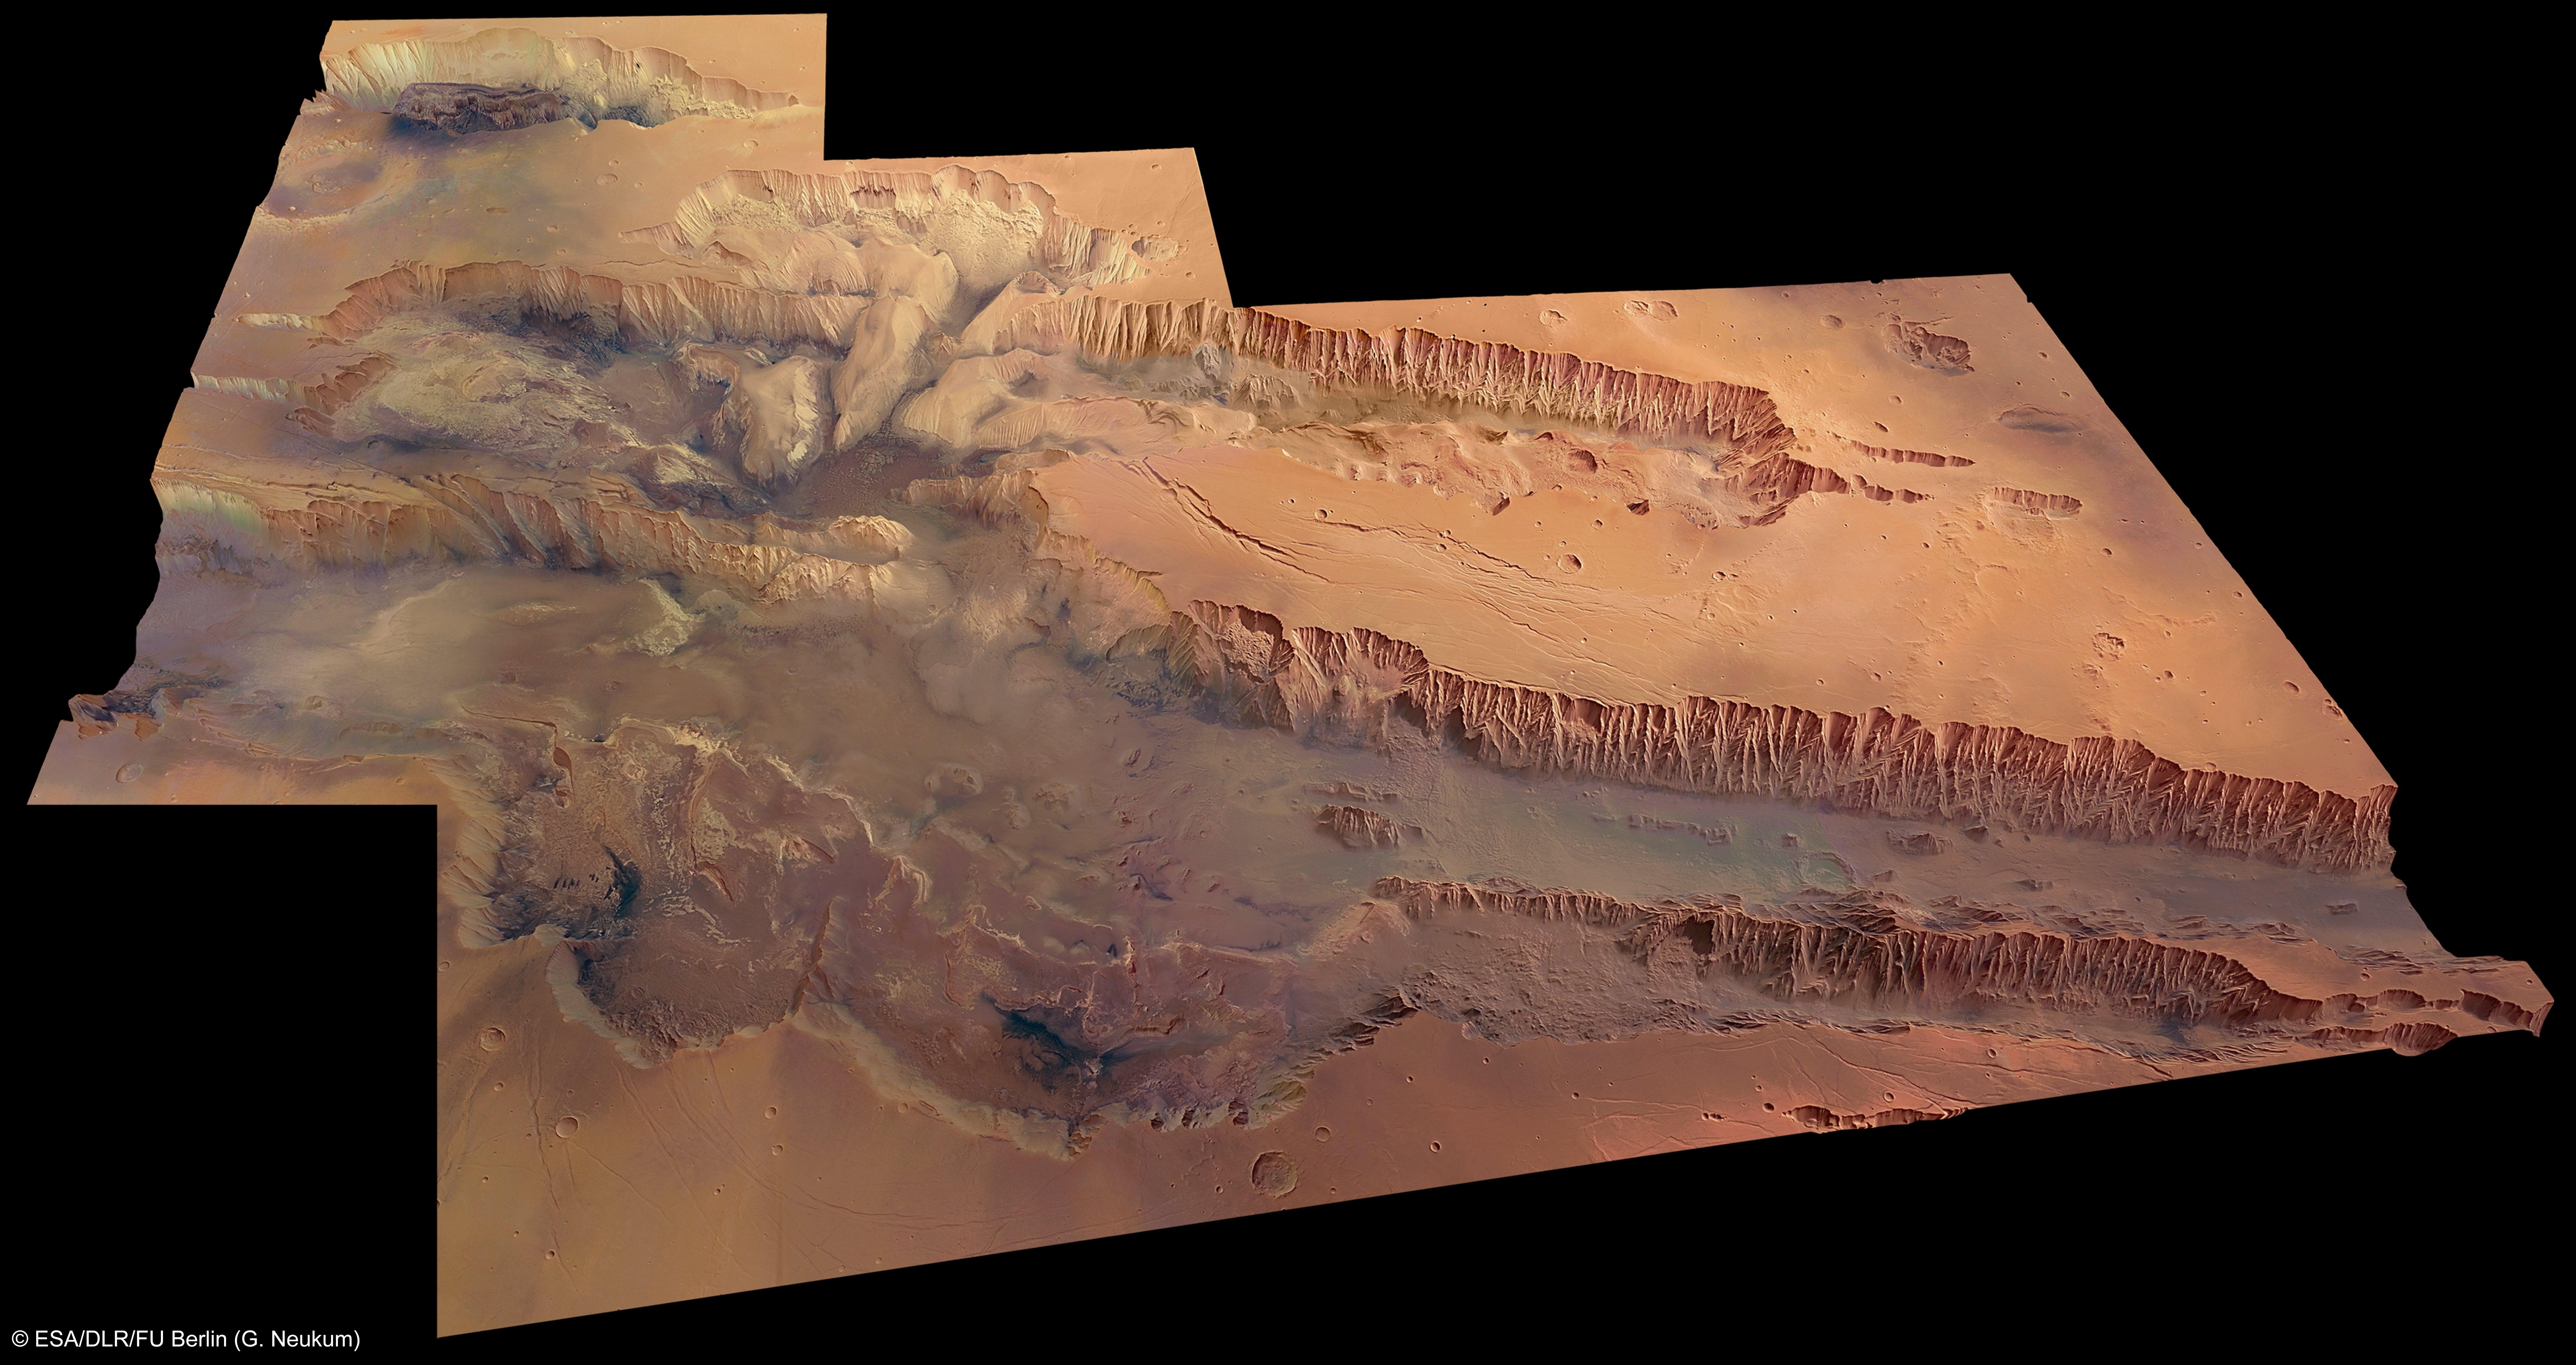 Talsystem der Valles Marineris: Dieser bis zu elf Kilometer tiefe und bis zu 200 km breite Grabenbruch erstreckt sich über fast 4000 km Ost-West-Richtung entlang des Äquators durch das Marshochland. Zum Vergleich: Der Grand Canyonin den USA ist nur knapp zwei Kilometer tief undwürde leicht in eines der parallel verlaufenden Seitentäler passen.